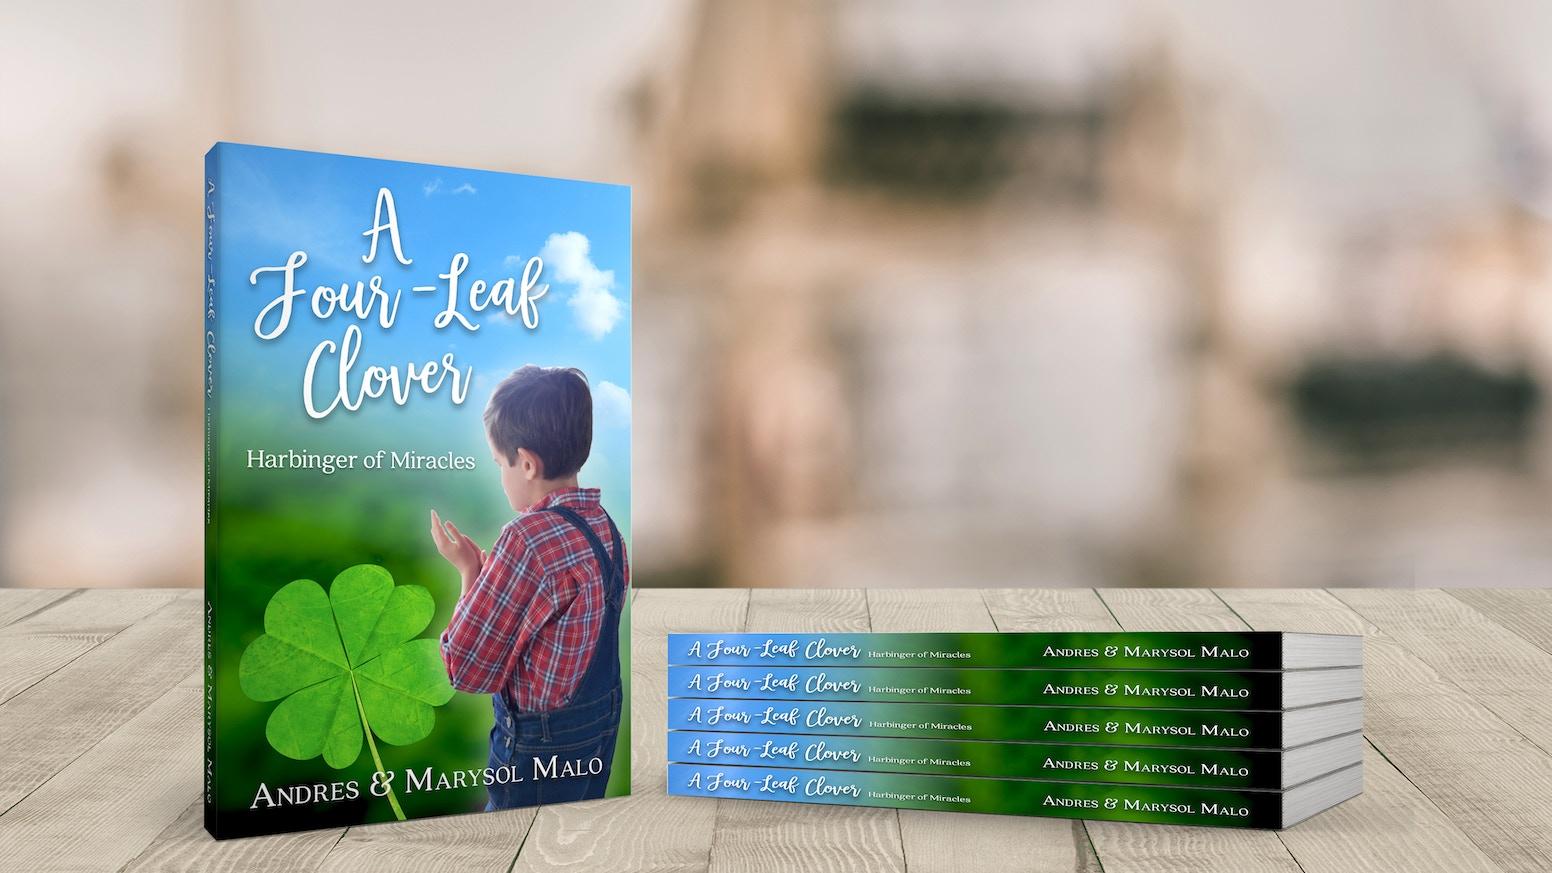 A story of hope & love that will touch your life, vision, & faith. / Una historia de esperanza y amor que tocará tu vida, visión, y fe.